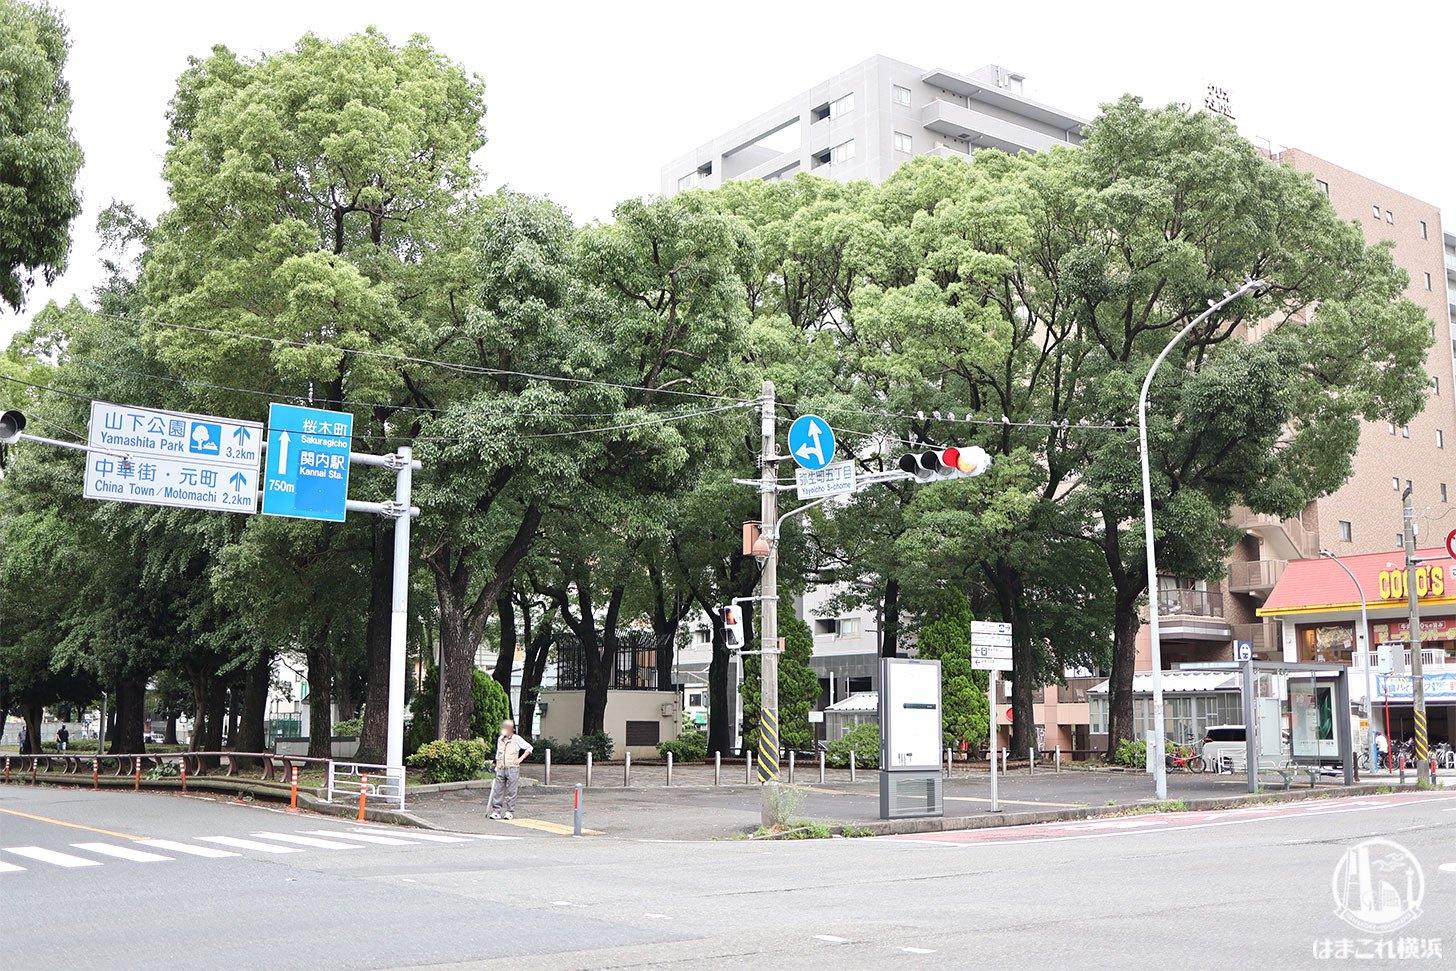 大通り公園終点 阪東橋駅付近